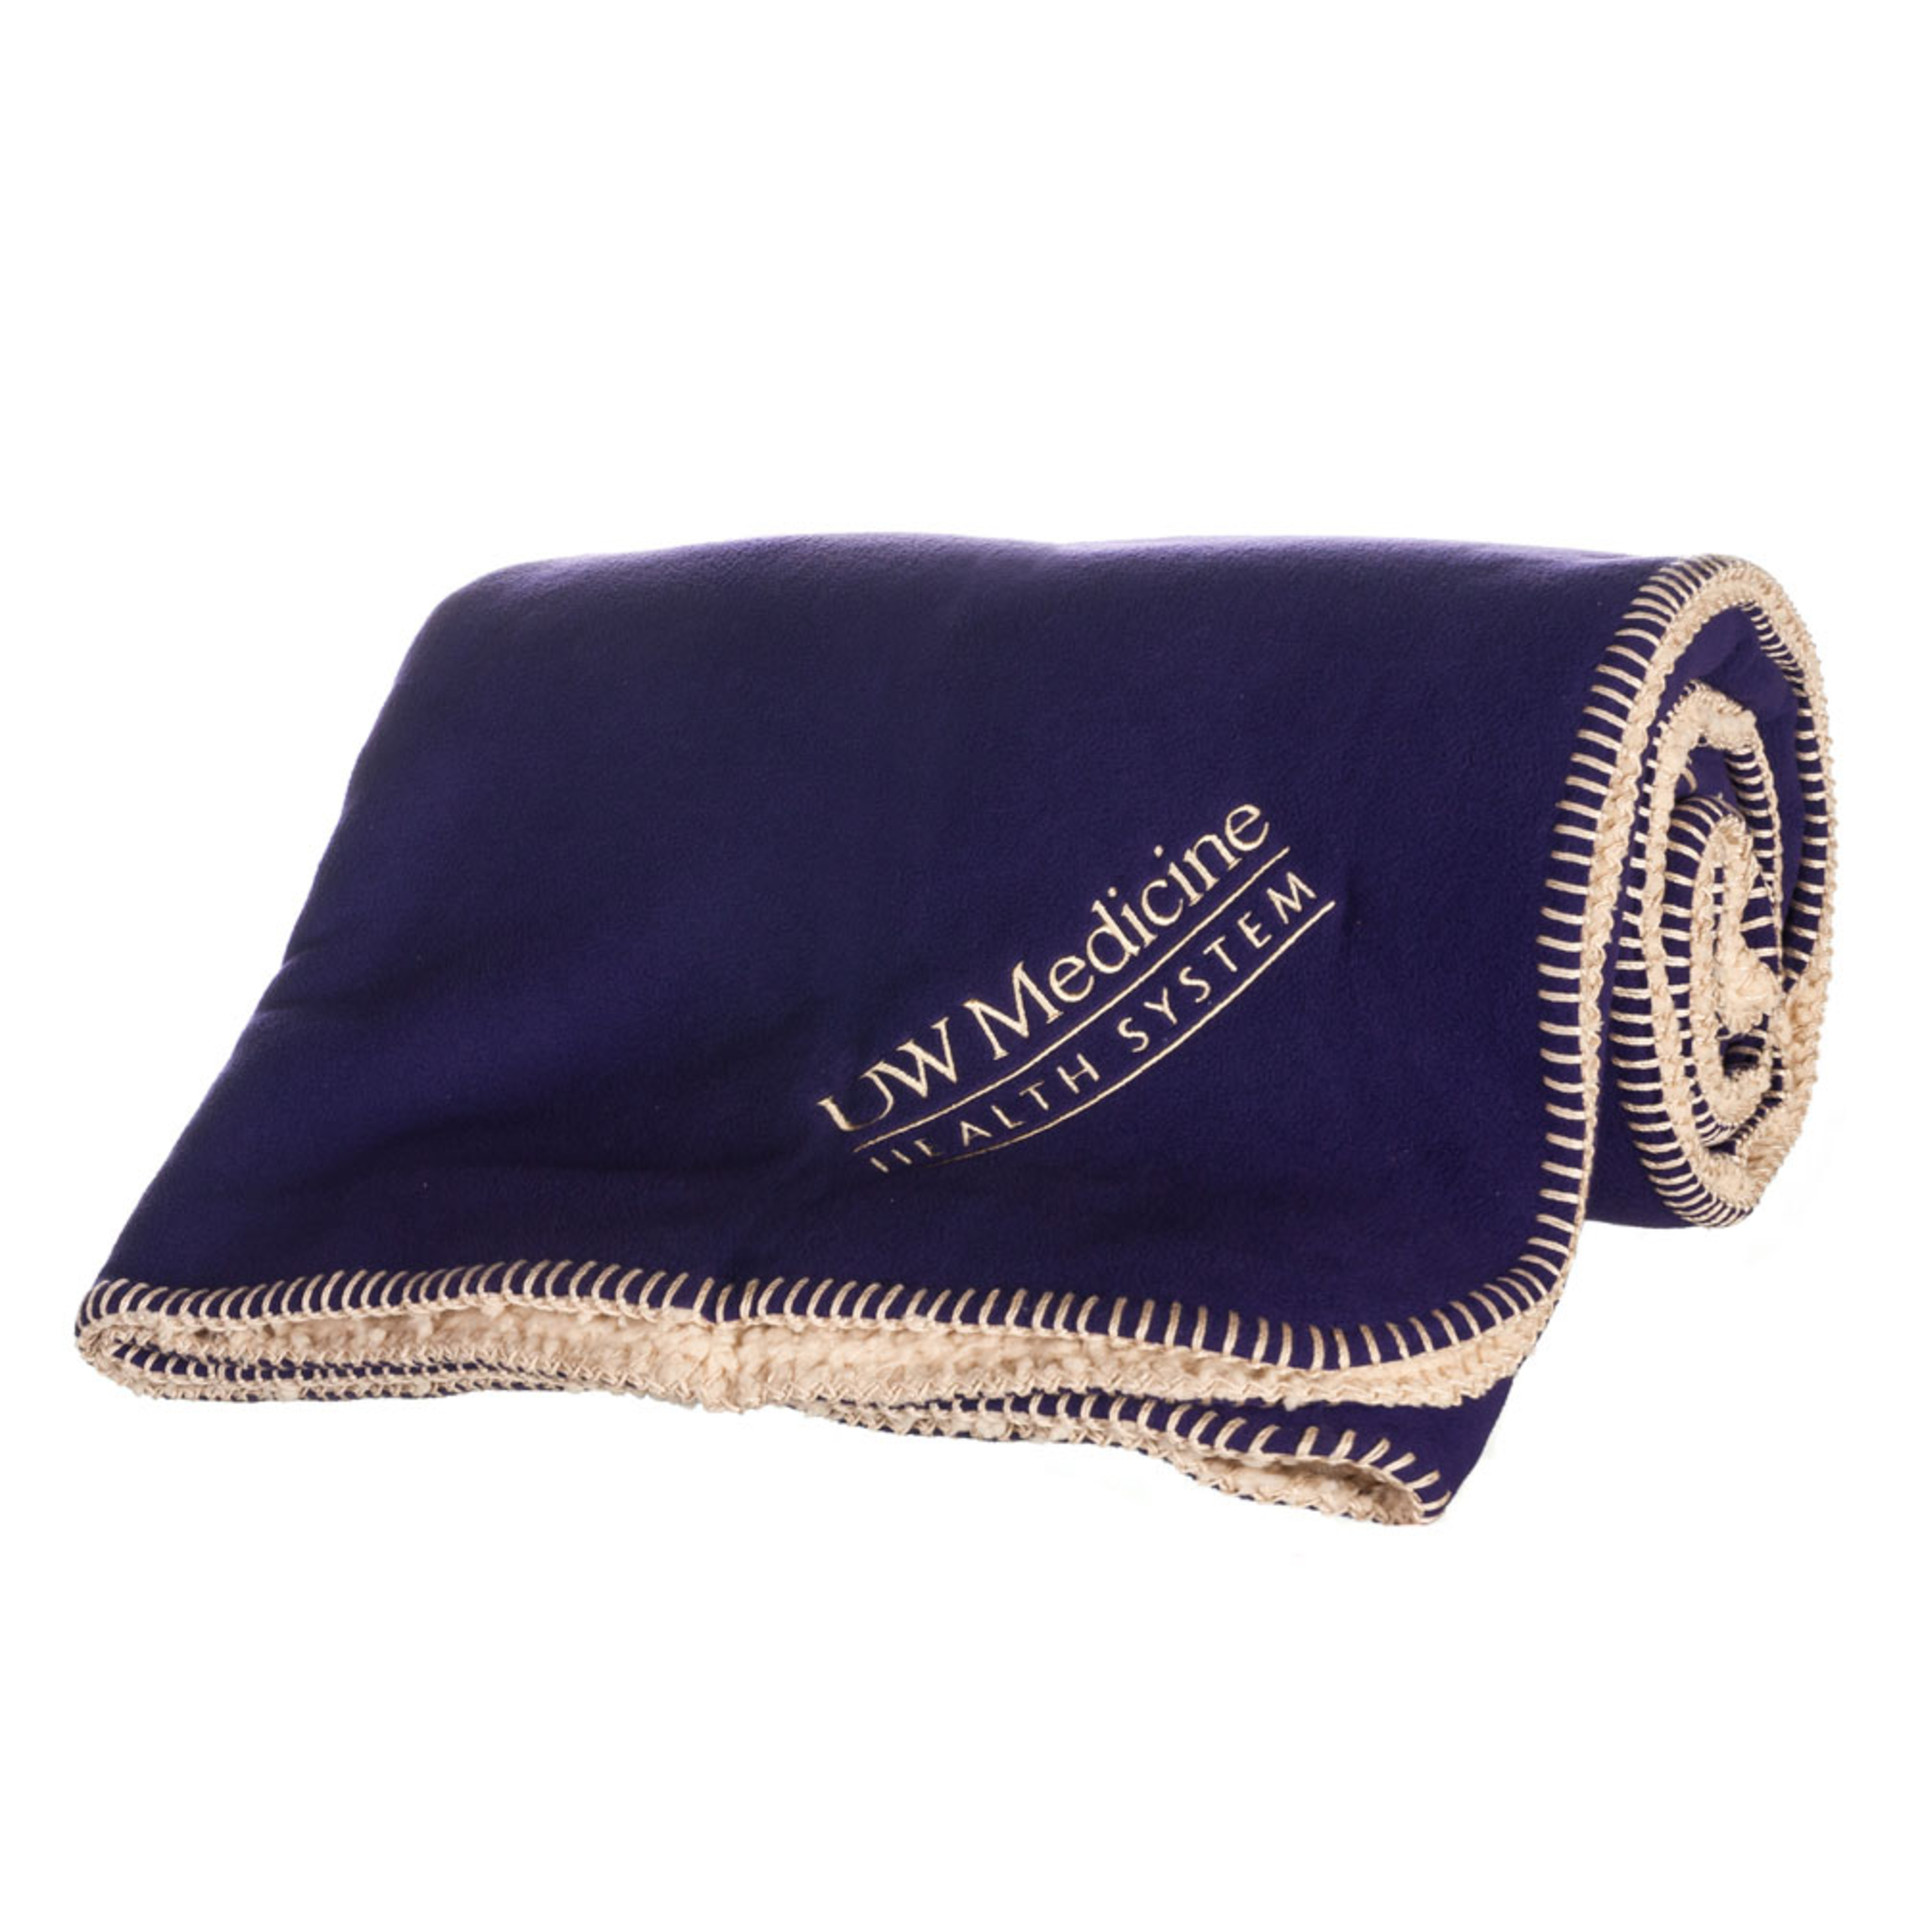 UW Medicine Fleece Blanket 2 Sided